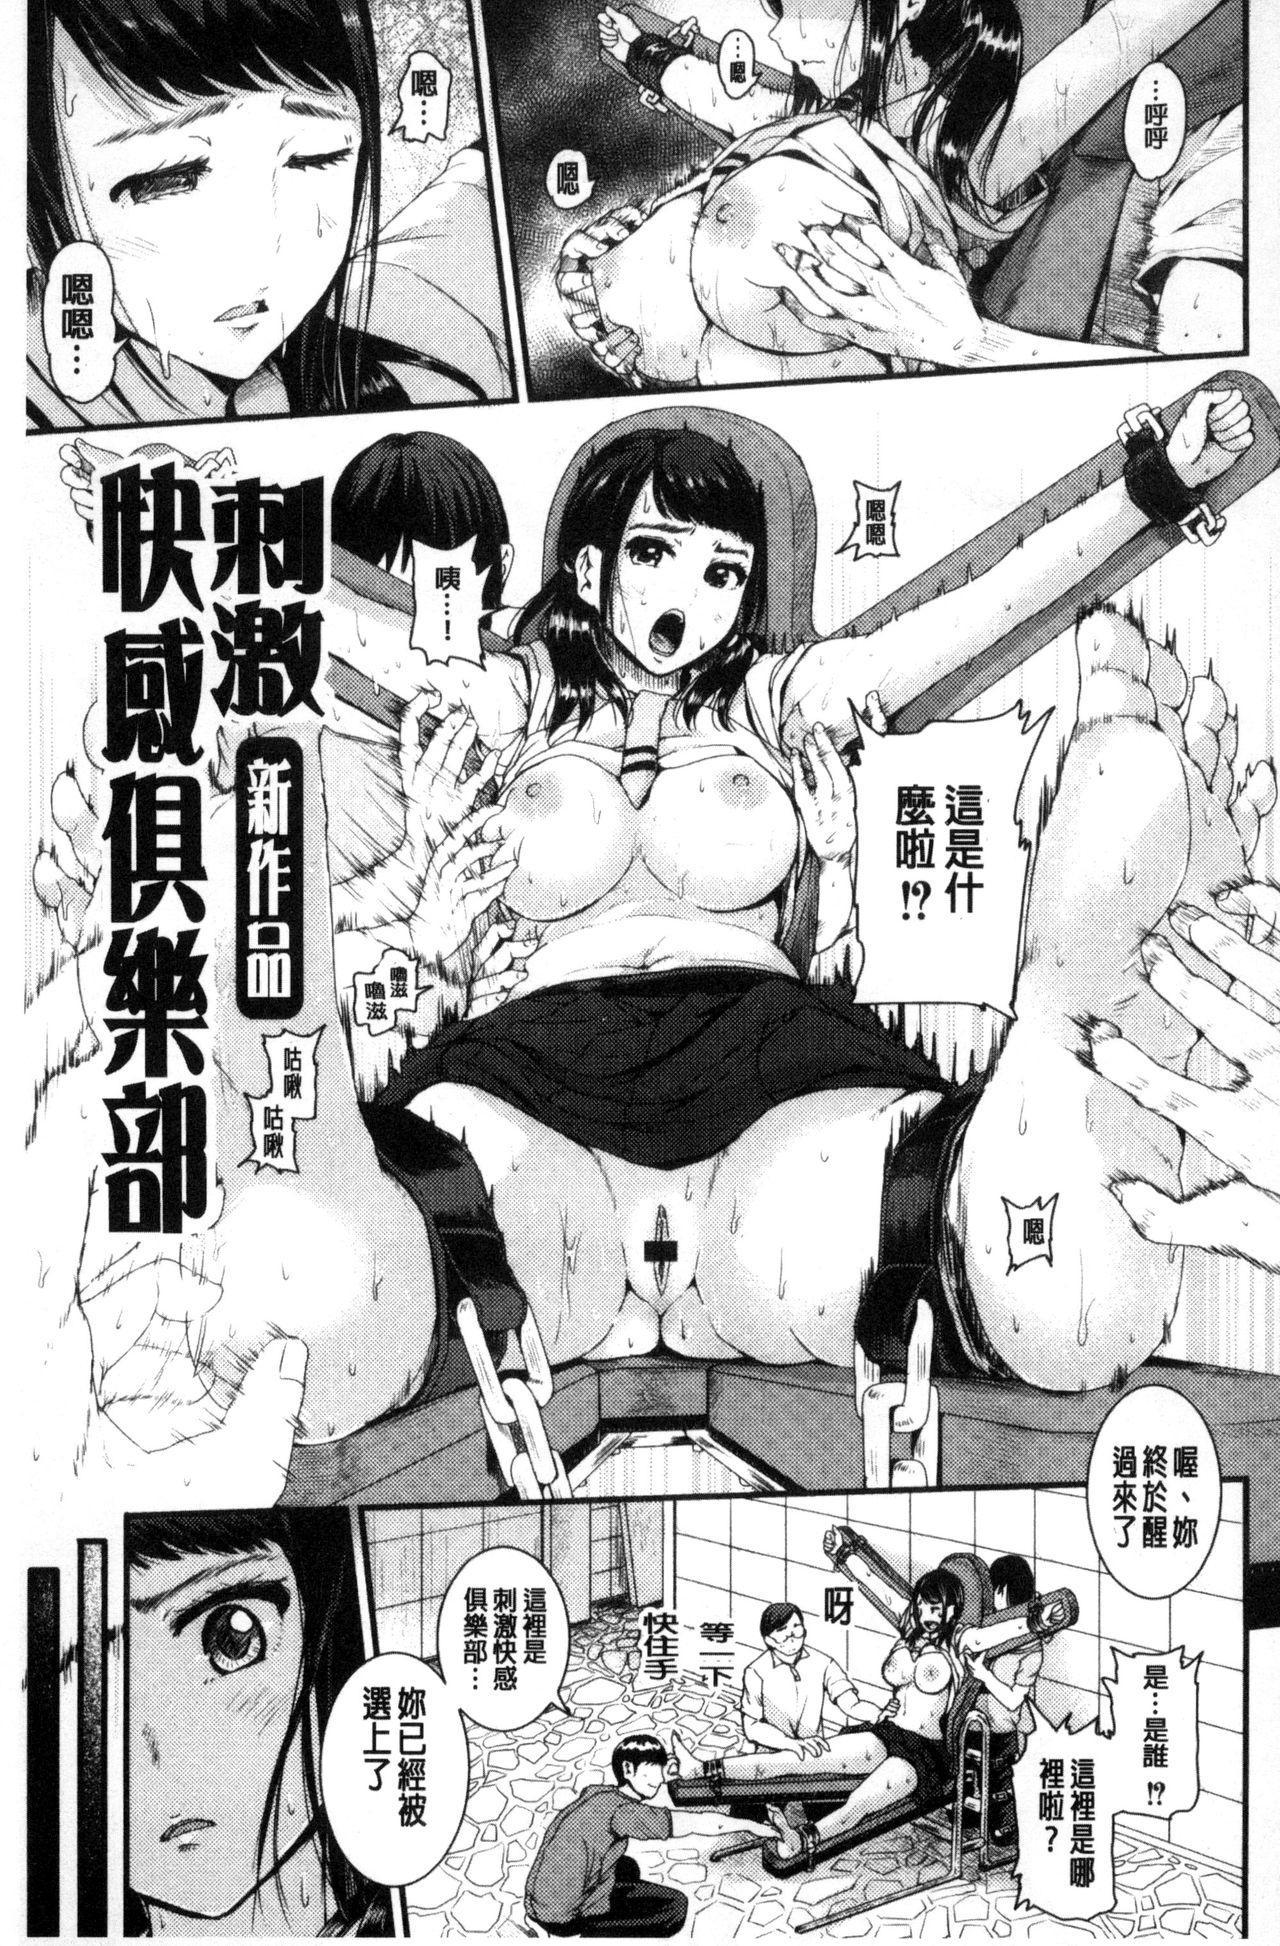 R18 Hatsuiku Shoujo 166